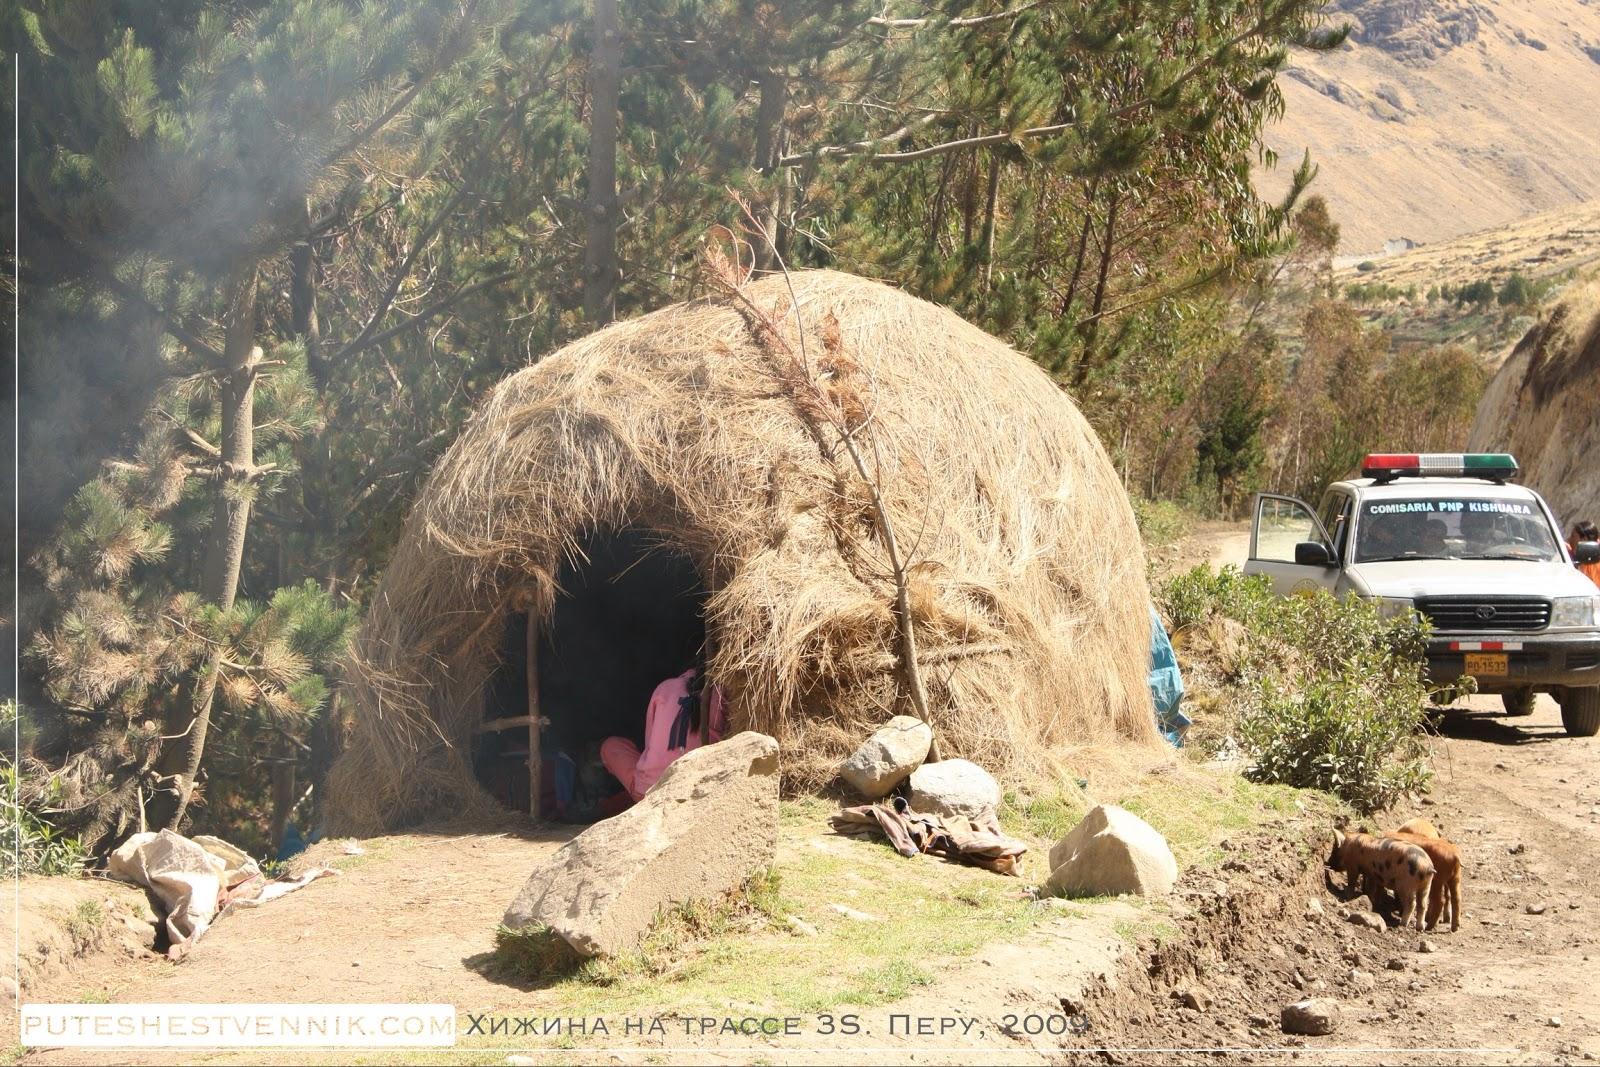 Хижина из соломы в Перу